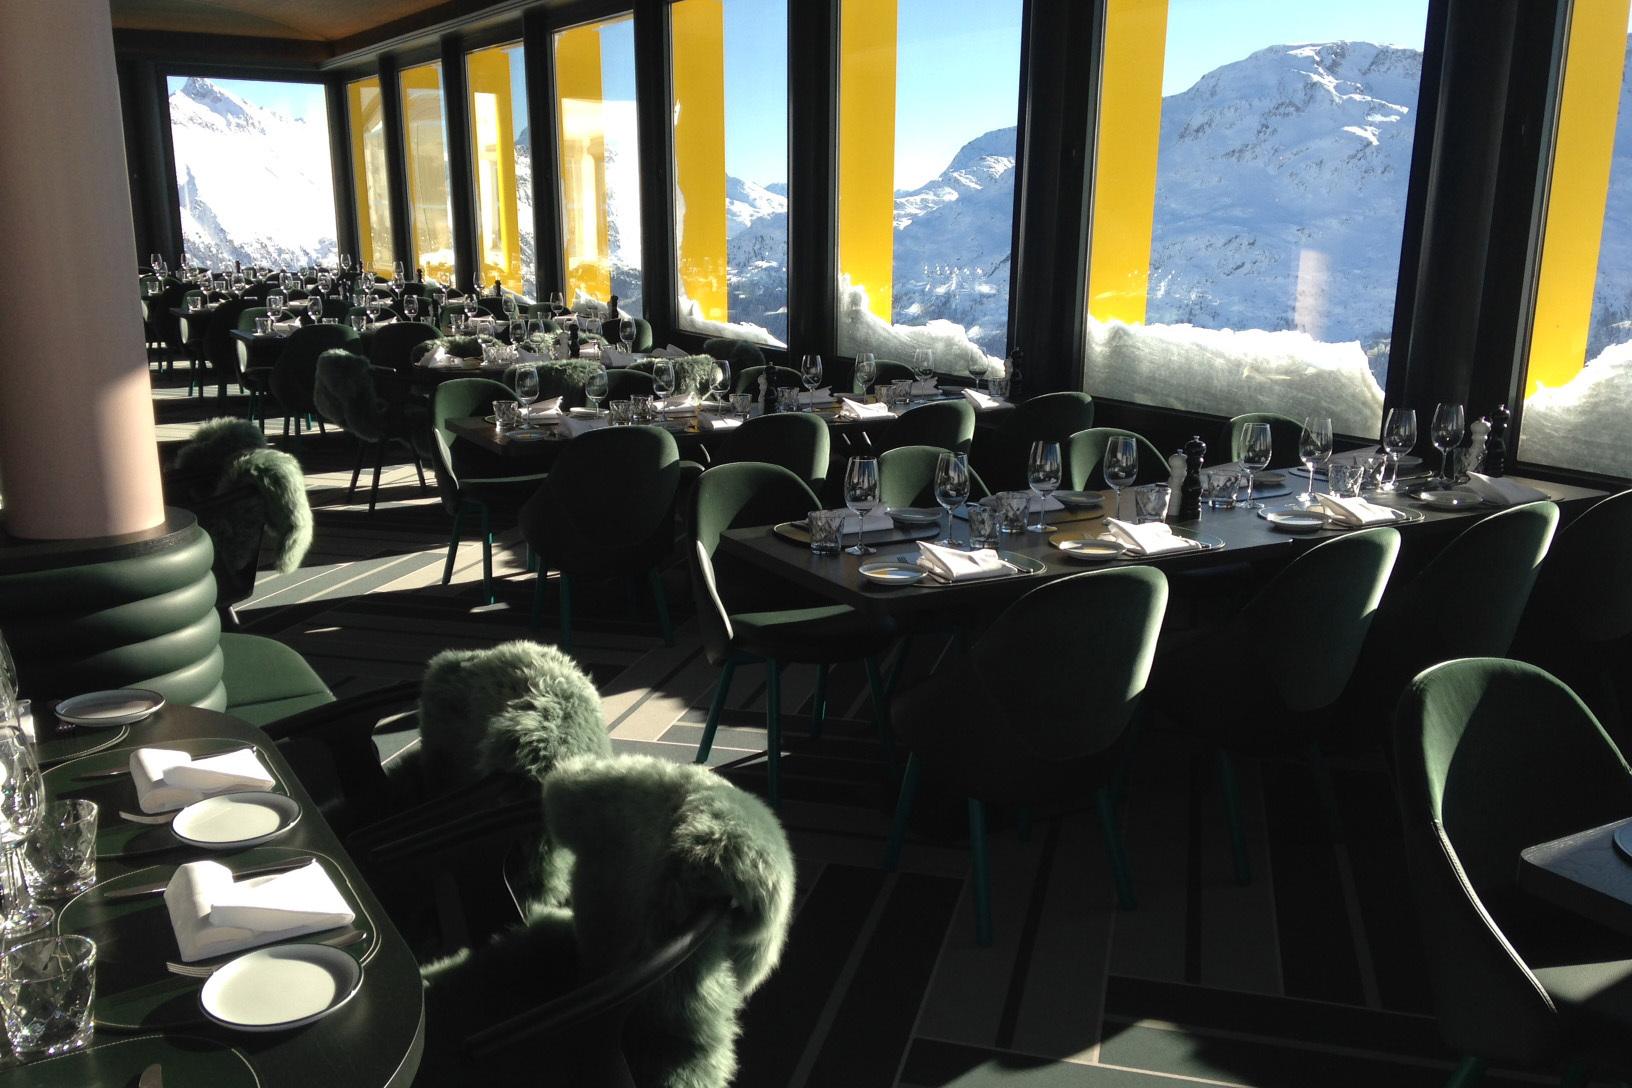 White Marmot Restaurant & Bar Slide 1